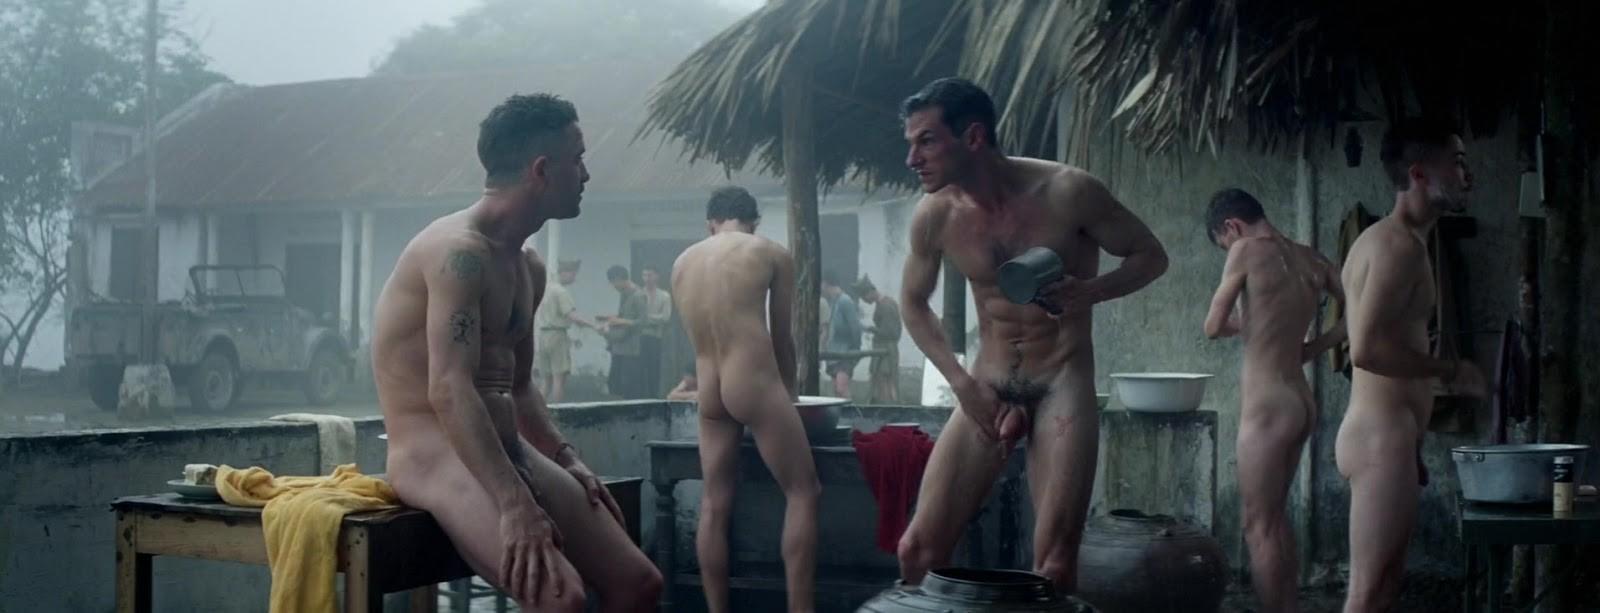 """Gaspard Ulliel torna a spogliarsi integralmente nel film """"Les Confins du  Monde"""""""